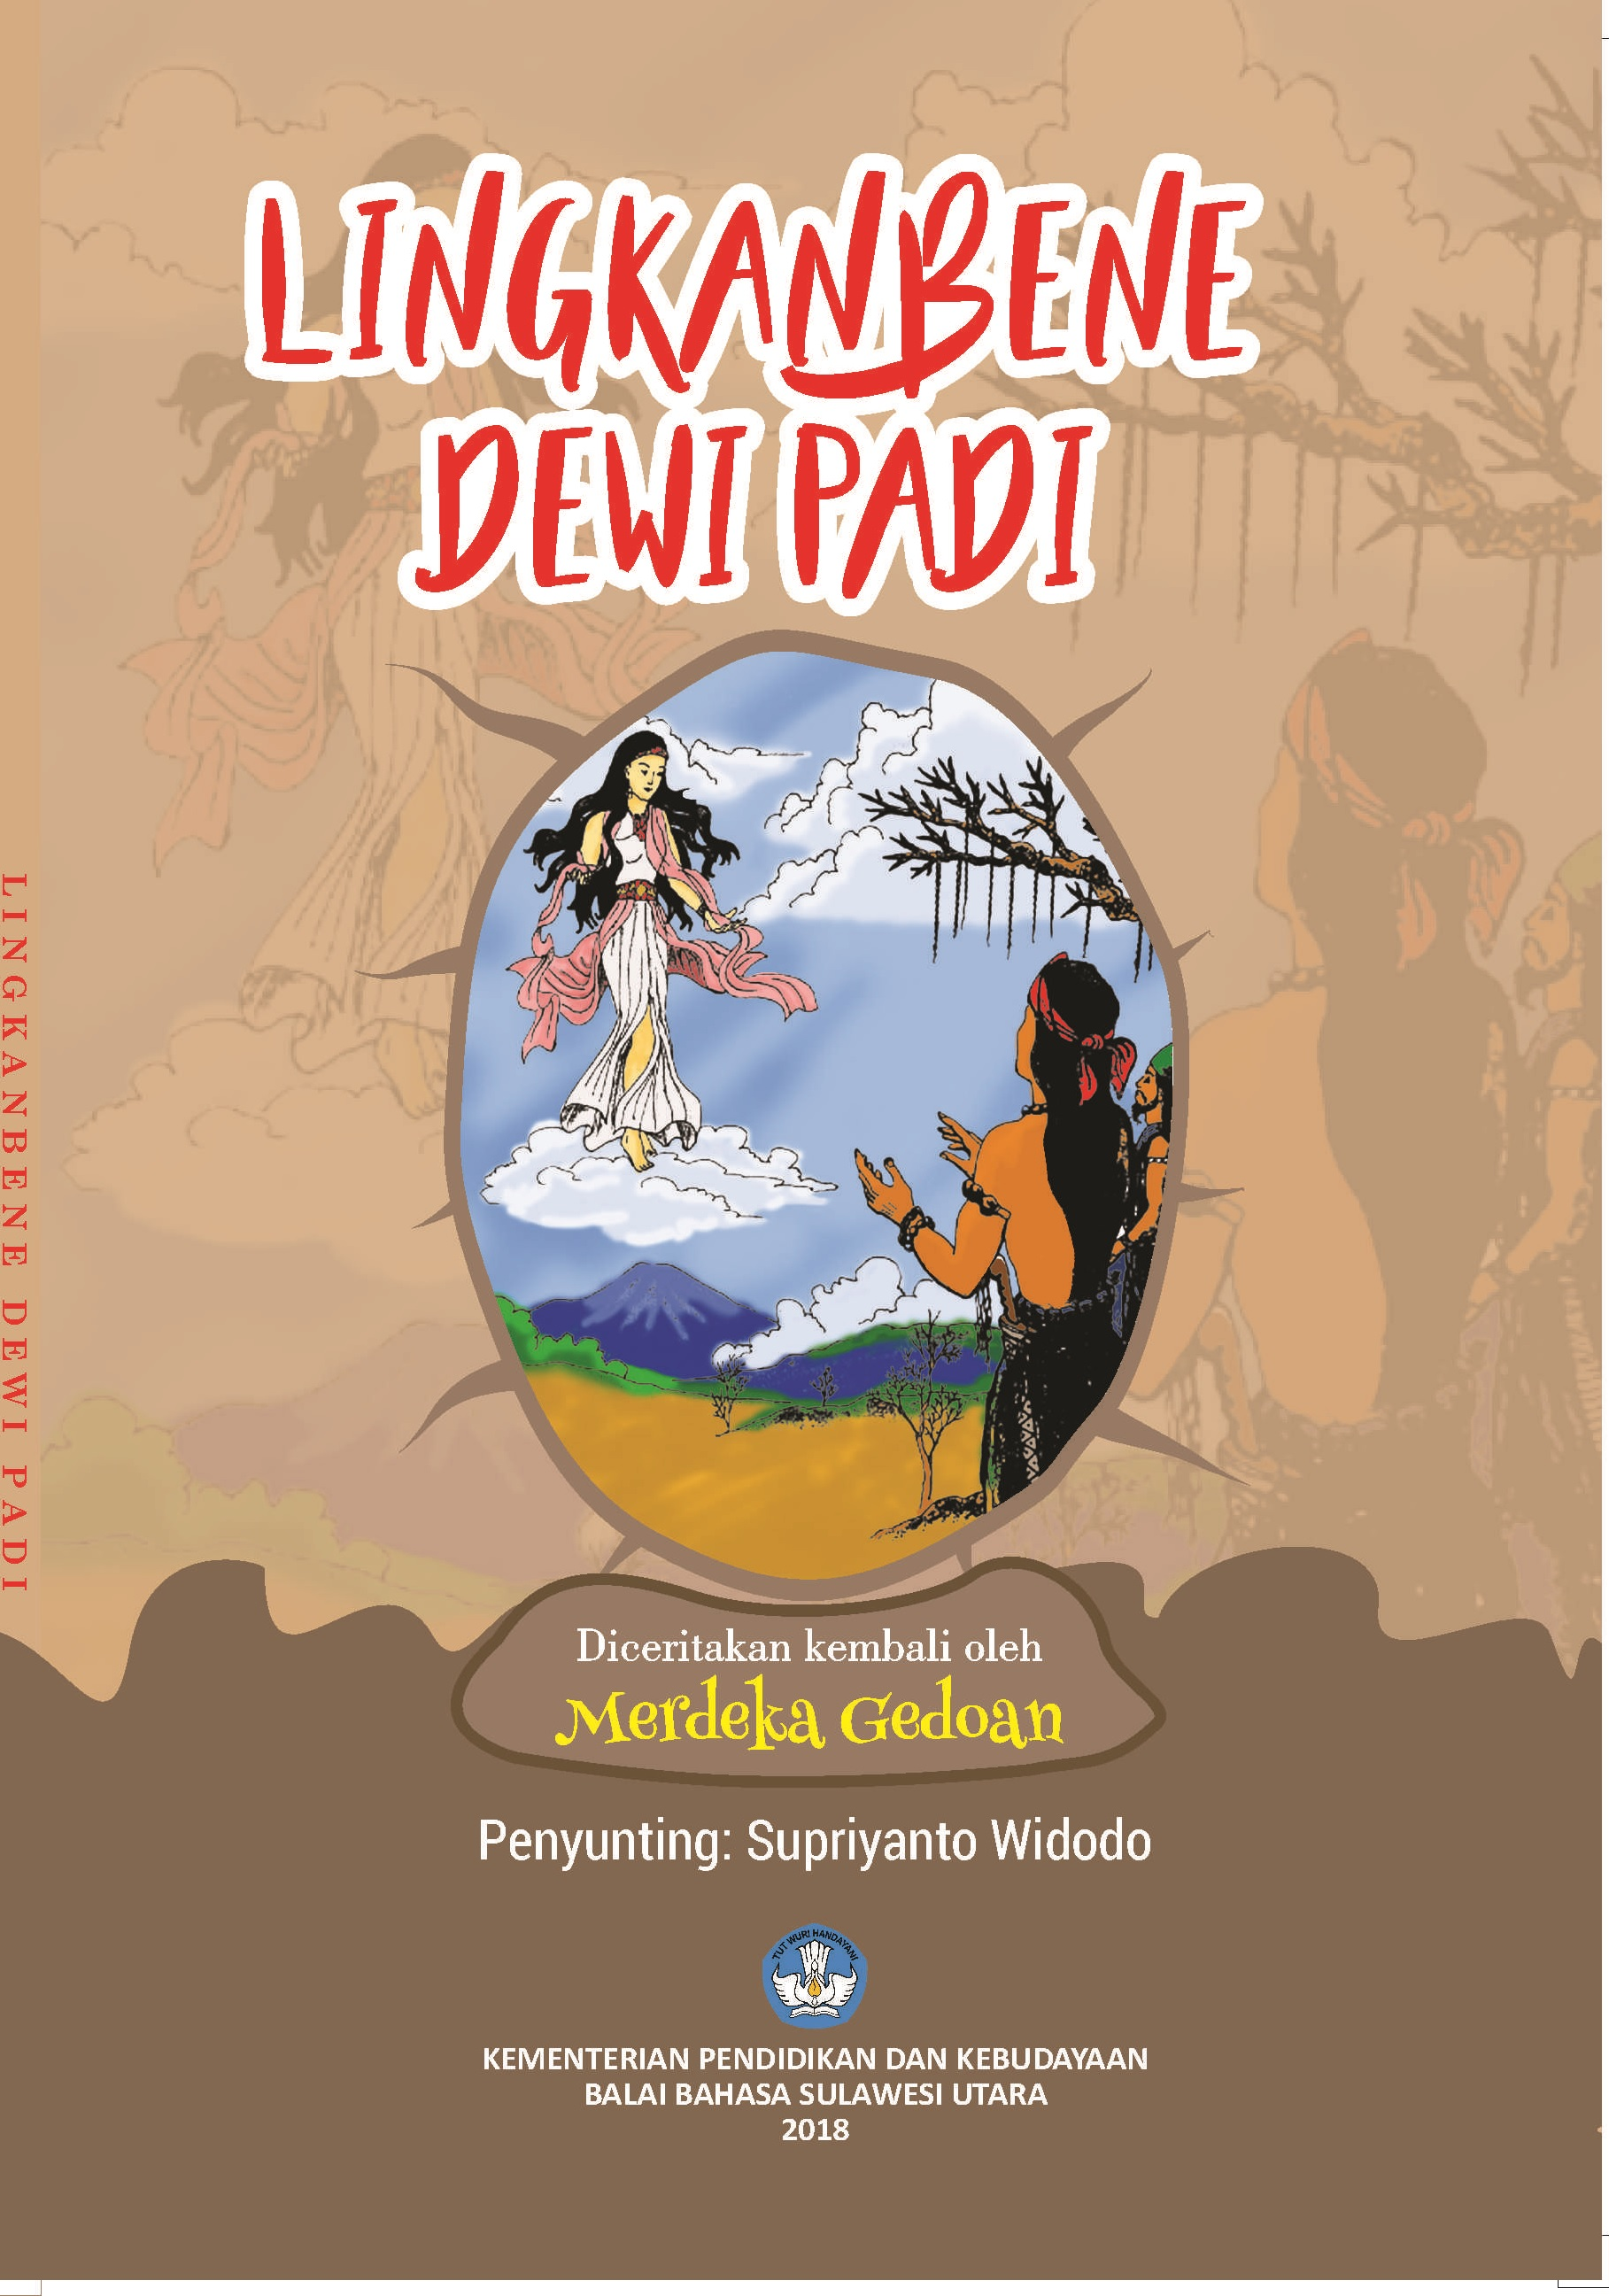 Lingkanbene Dewi Padi